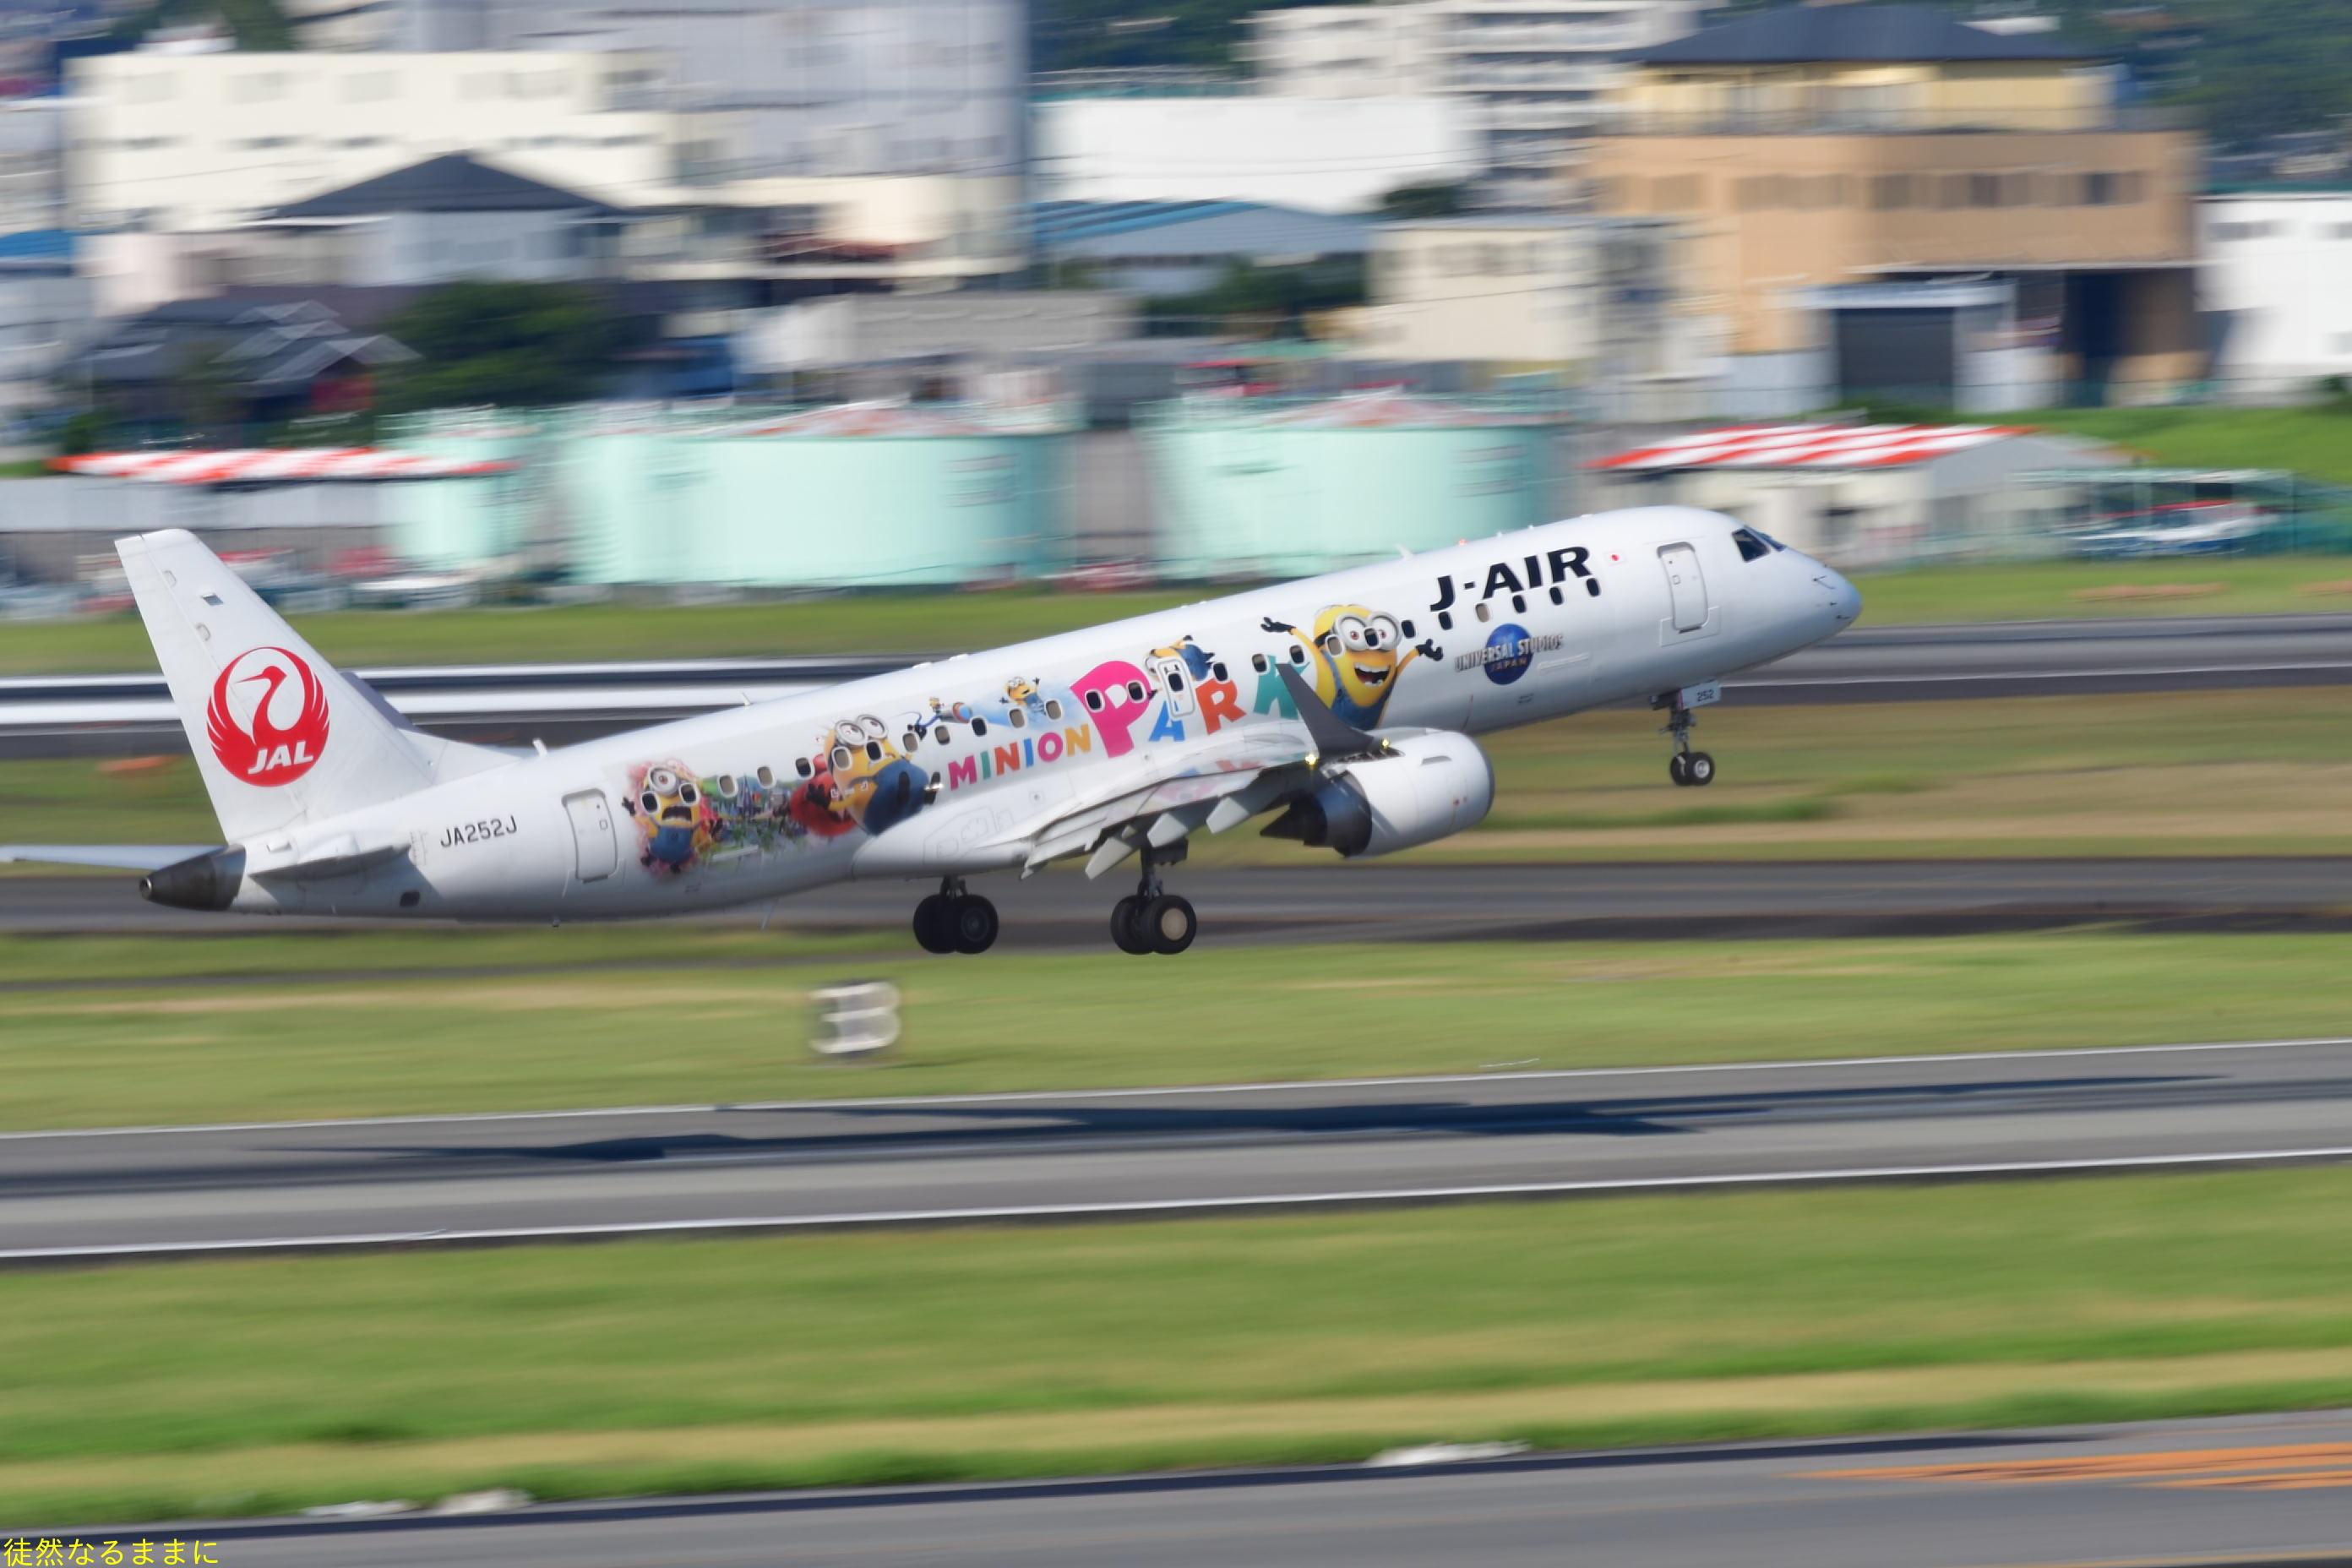 伊丹空港_d0285540_06415624.jpg